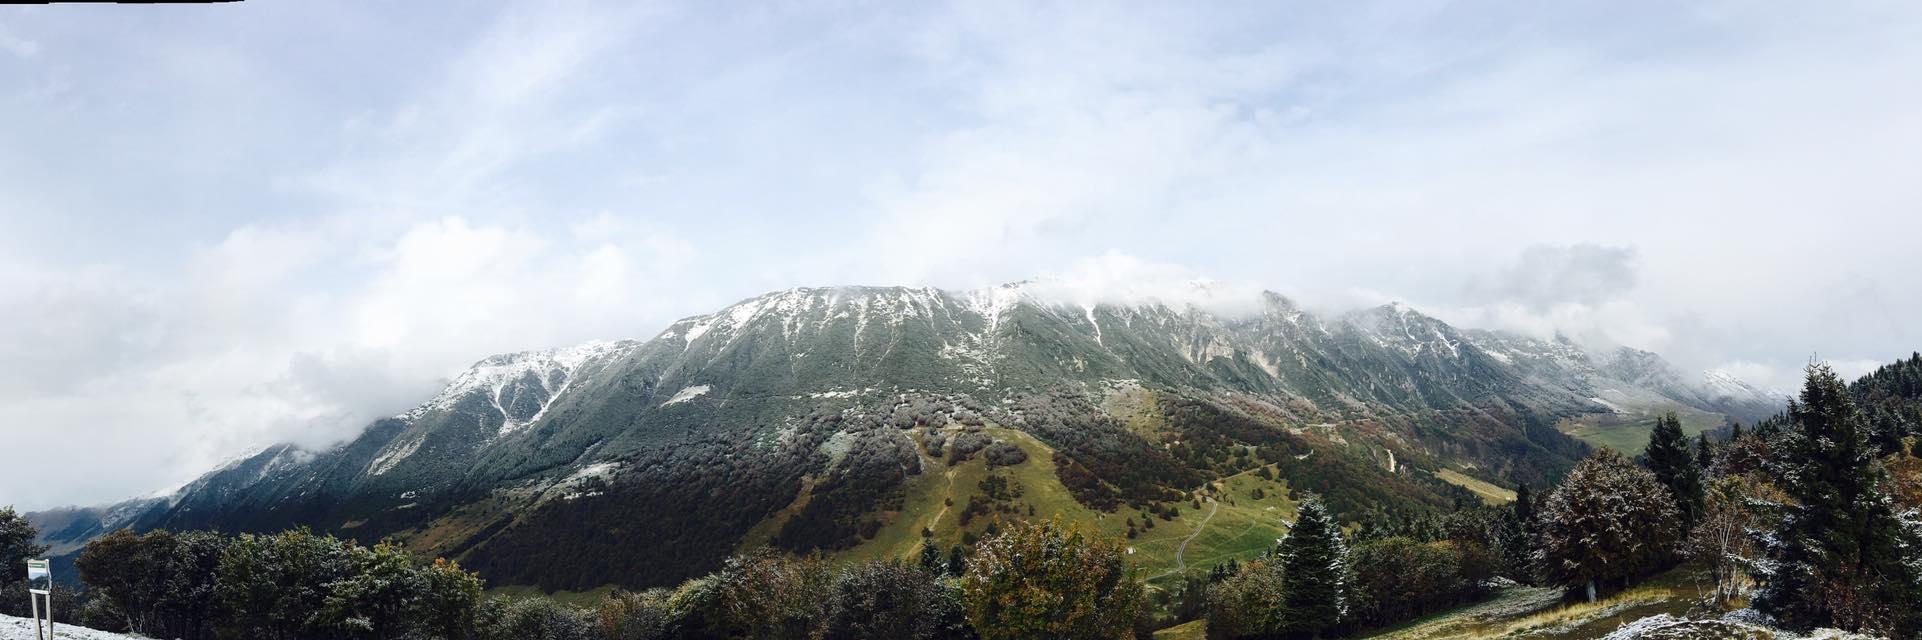 Ottobre 2016 - Contrasti di colori sul Baldo in occasione della prima neve, fotografata il giorno 11 da Elisa Castelletti durante le prime schiarite seguite alla perturbazione.